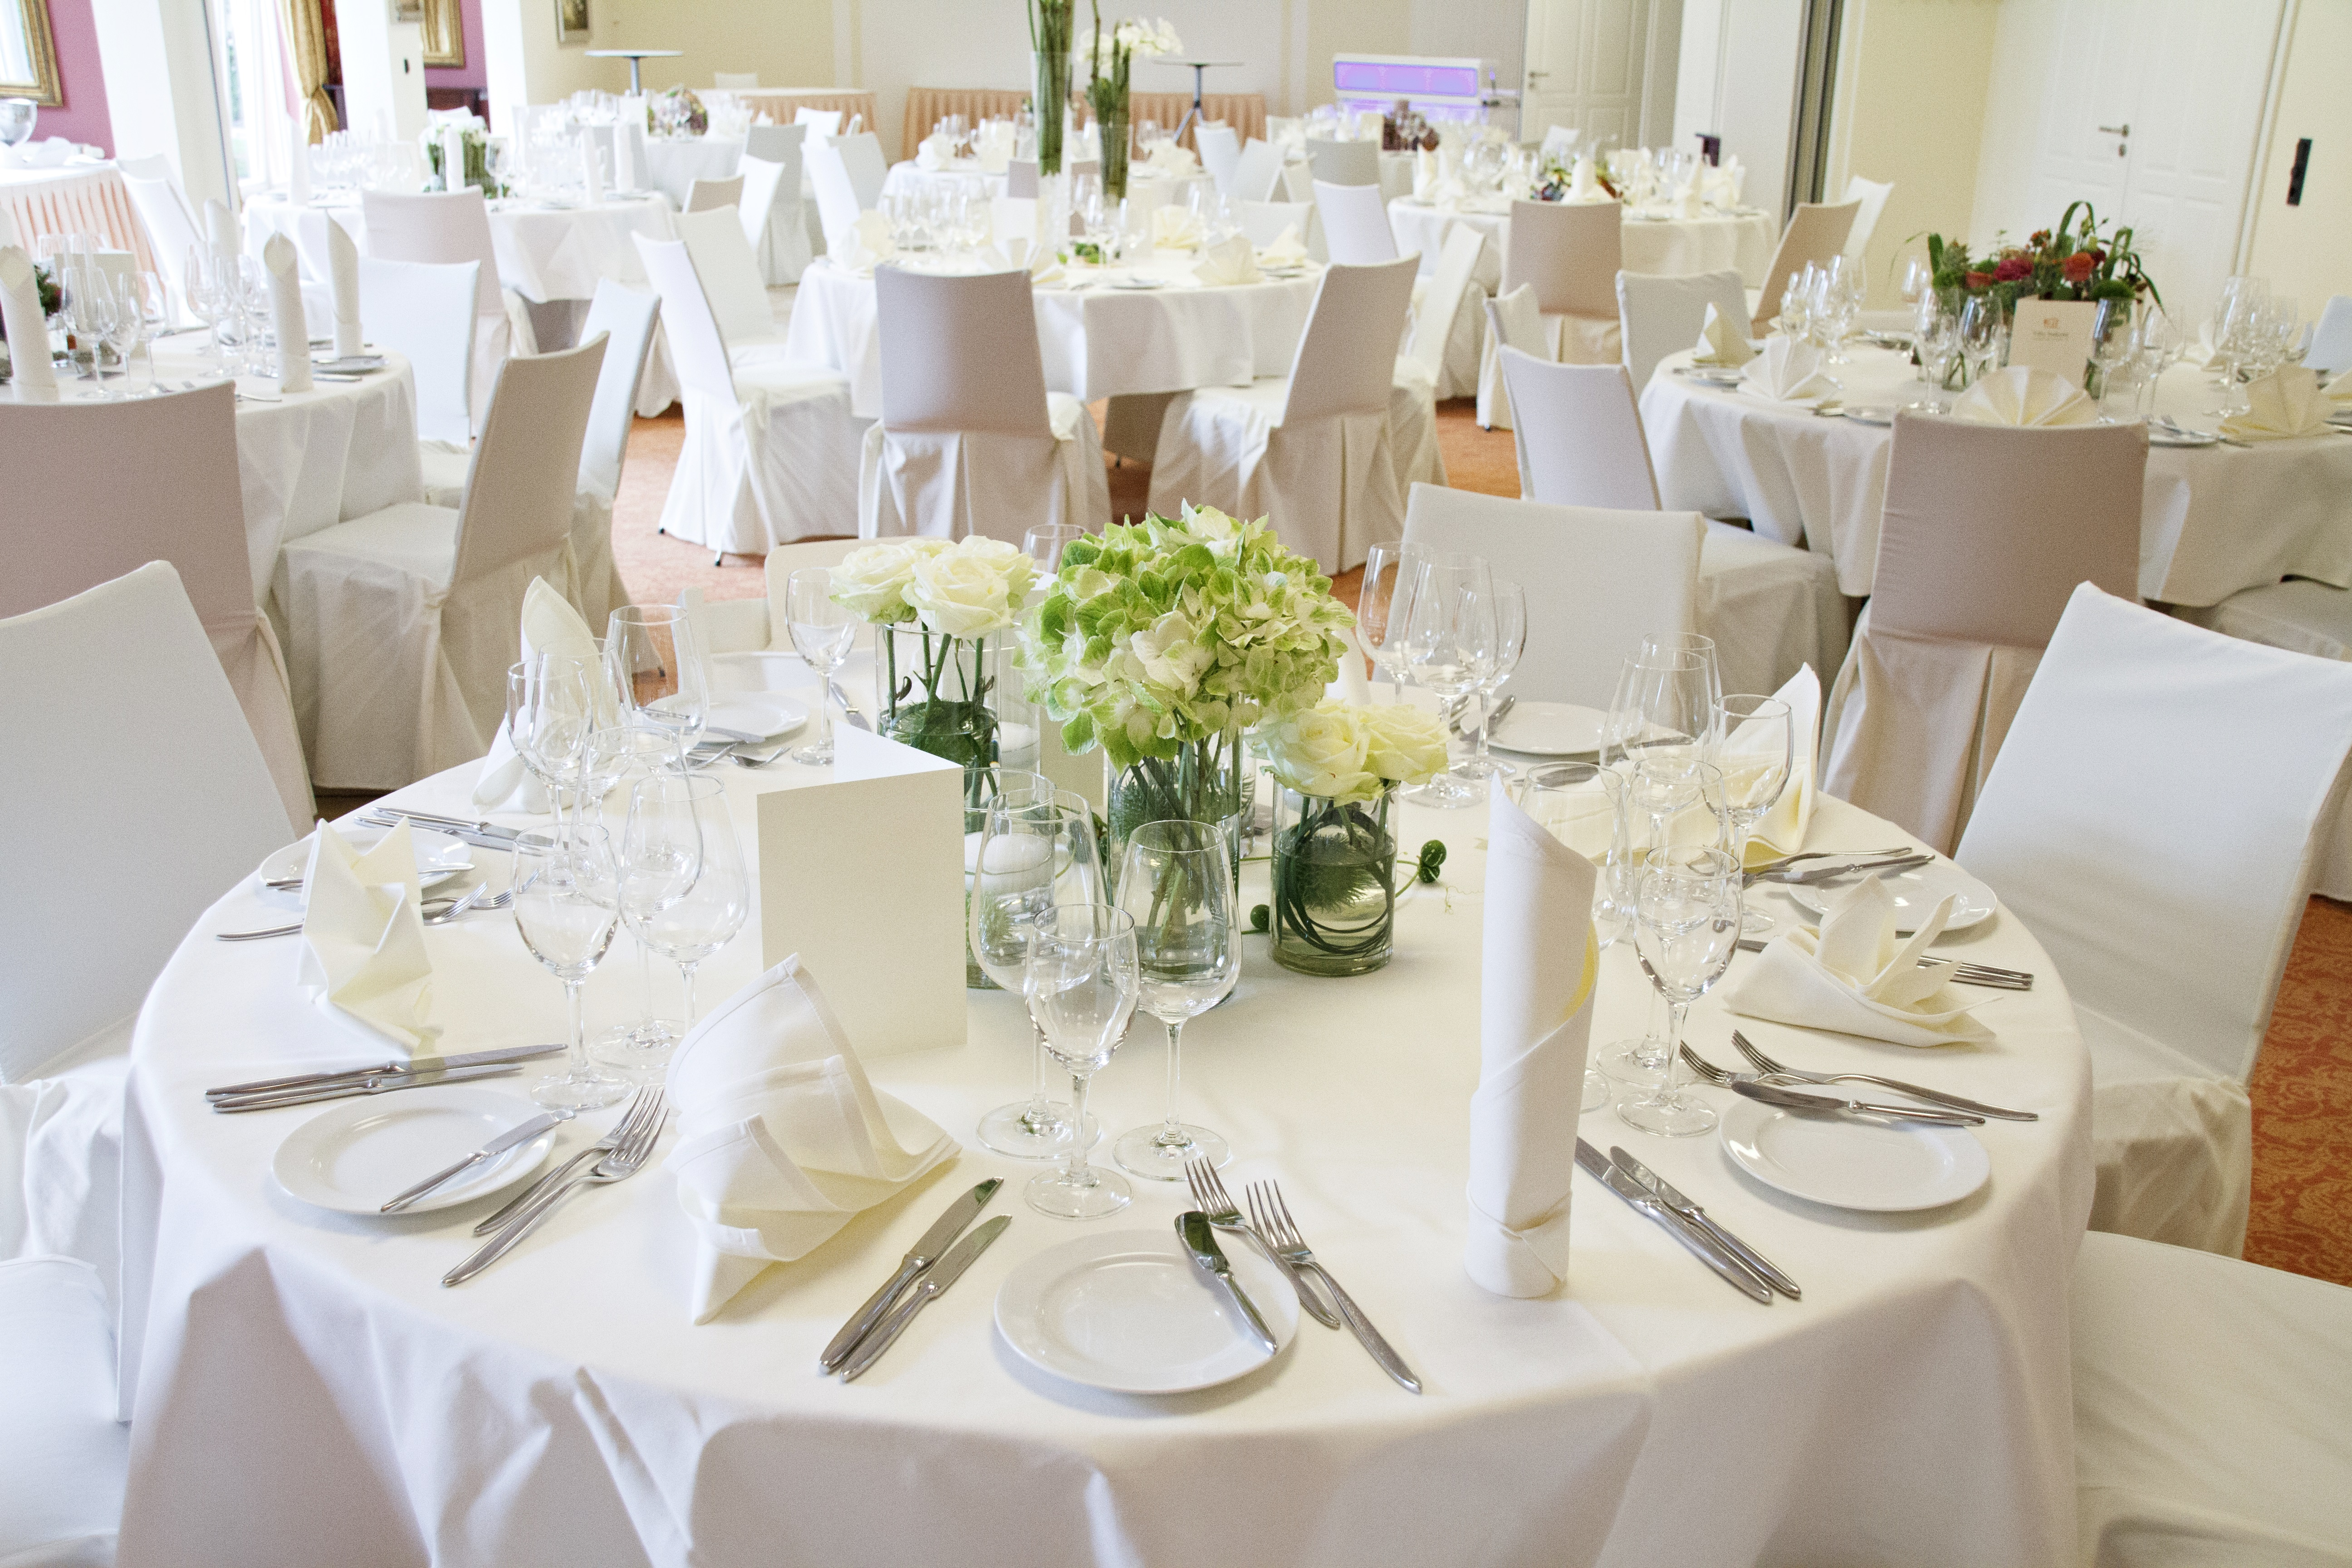 Hochzeitsfeier Hotel Villa Toskana Heidelberg Zimmer Tagung Kurzurlaub